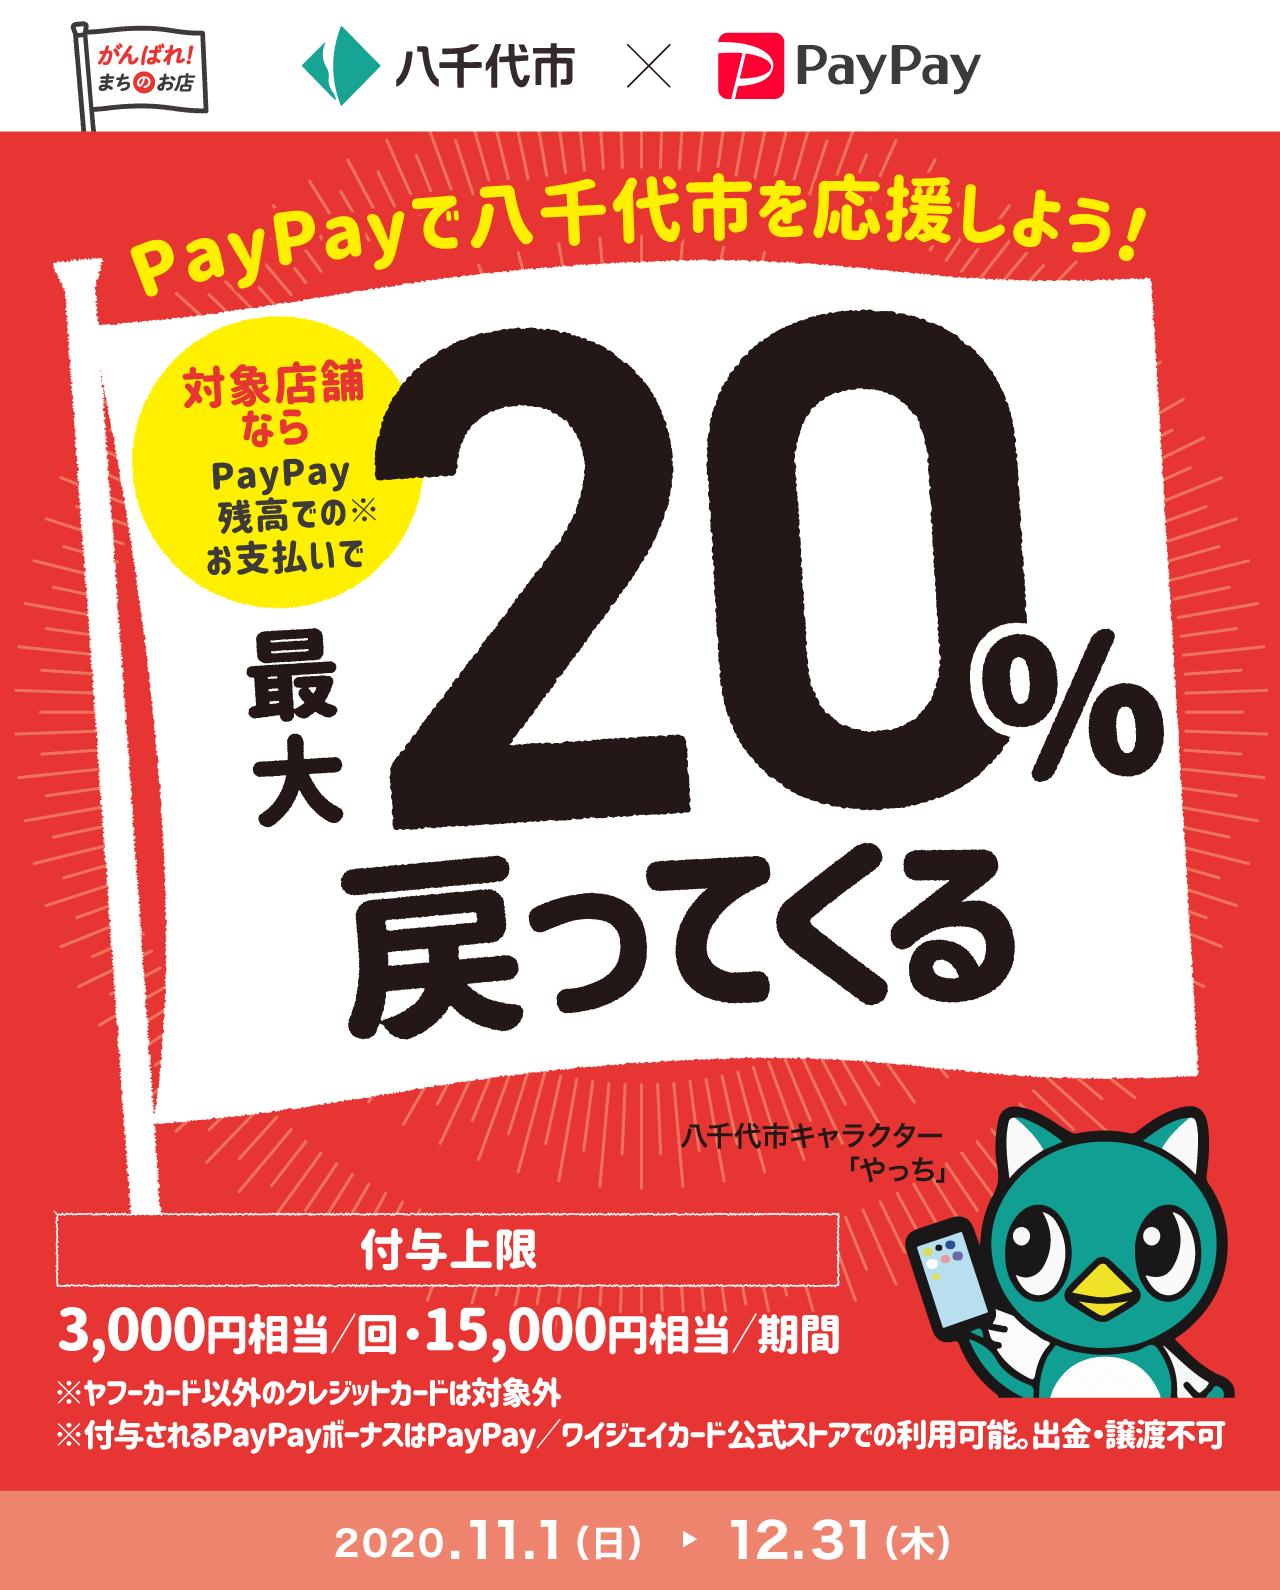 PayPayで八千代市を応援しよう! 対象店舗ならPayPay残高でのお支払いで 最大20%戻ってくる